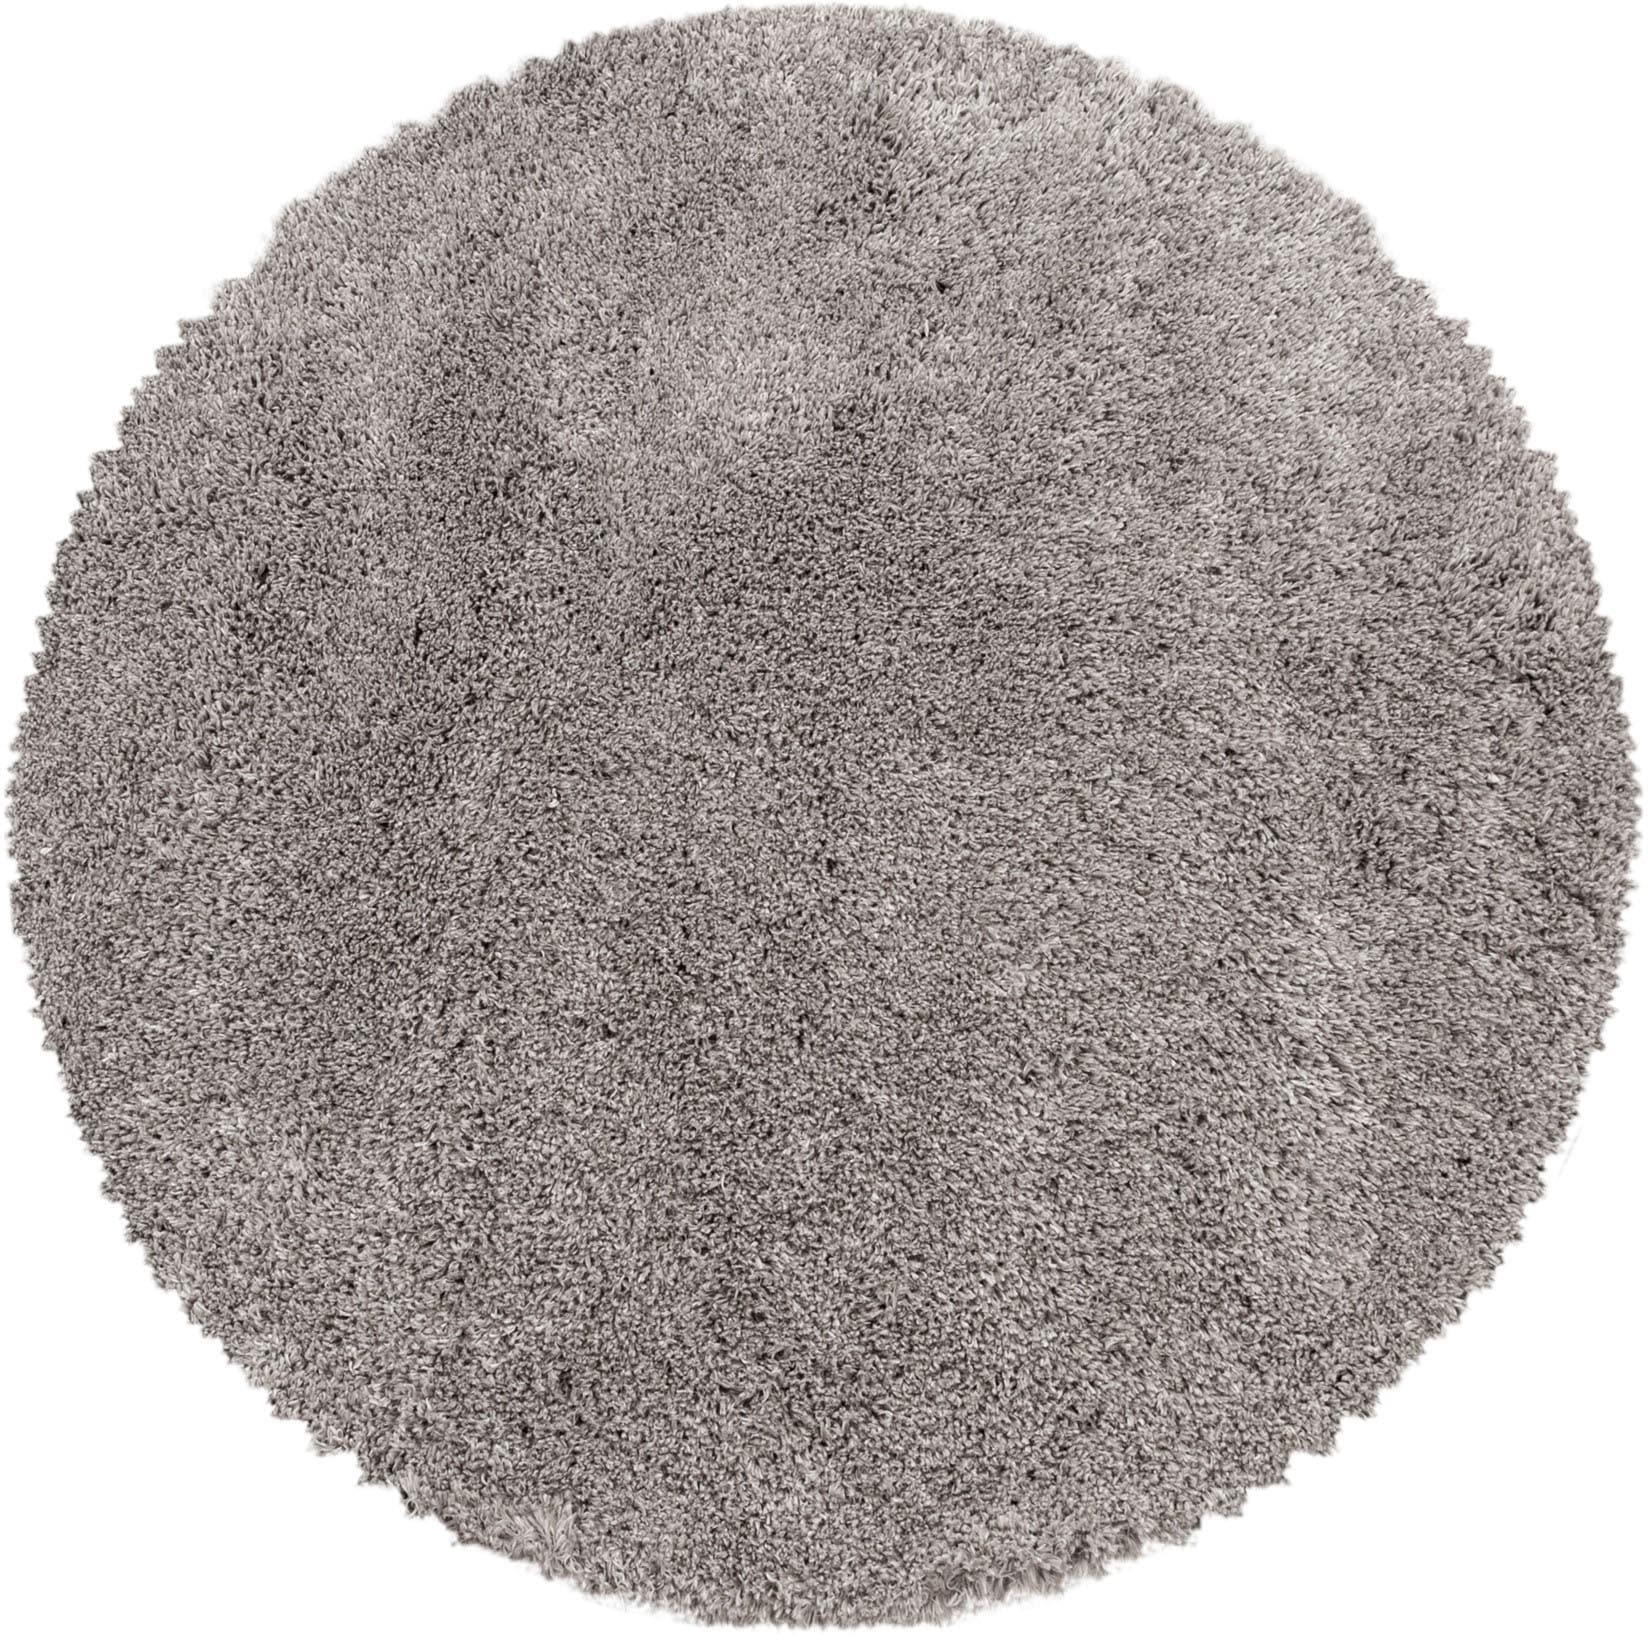 Ayyildiz Hochflor-Teppich FLUFFY 3500, rund, 50 mm Höhe beige Wohnzimmerteppiche Teppiche nach Räumen